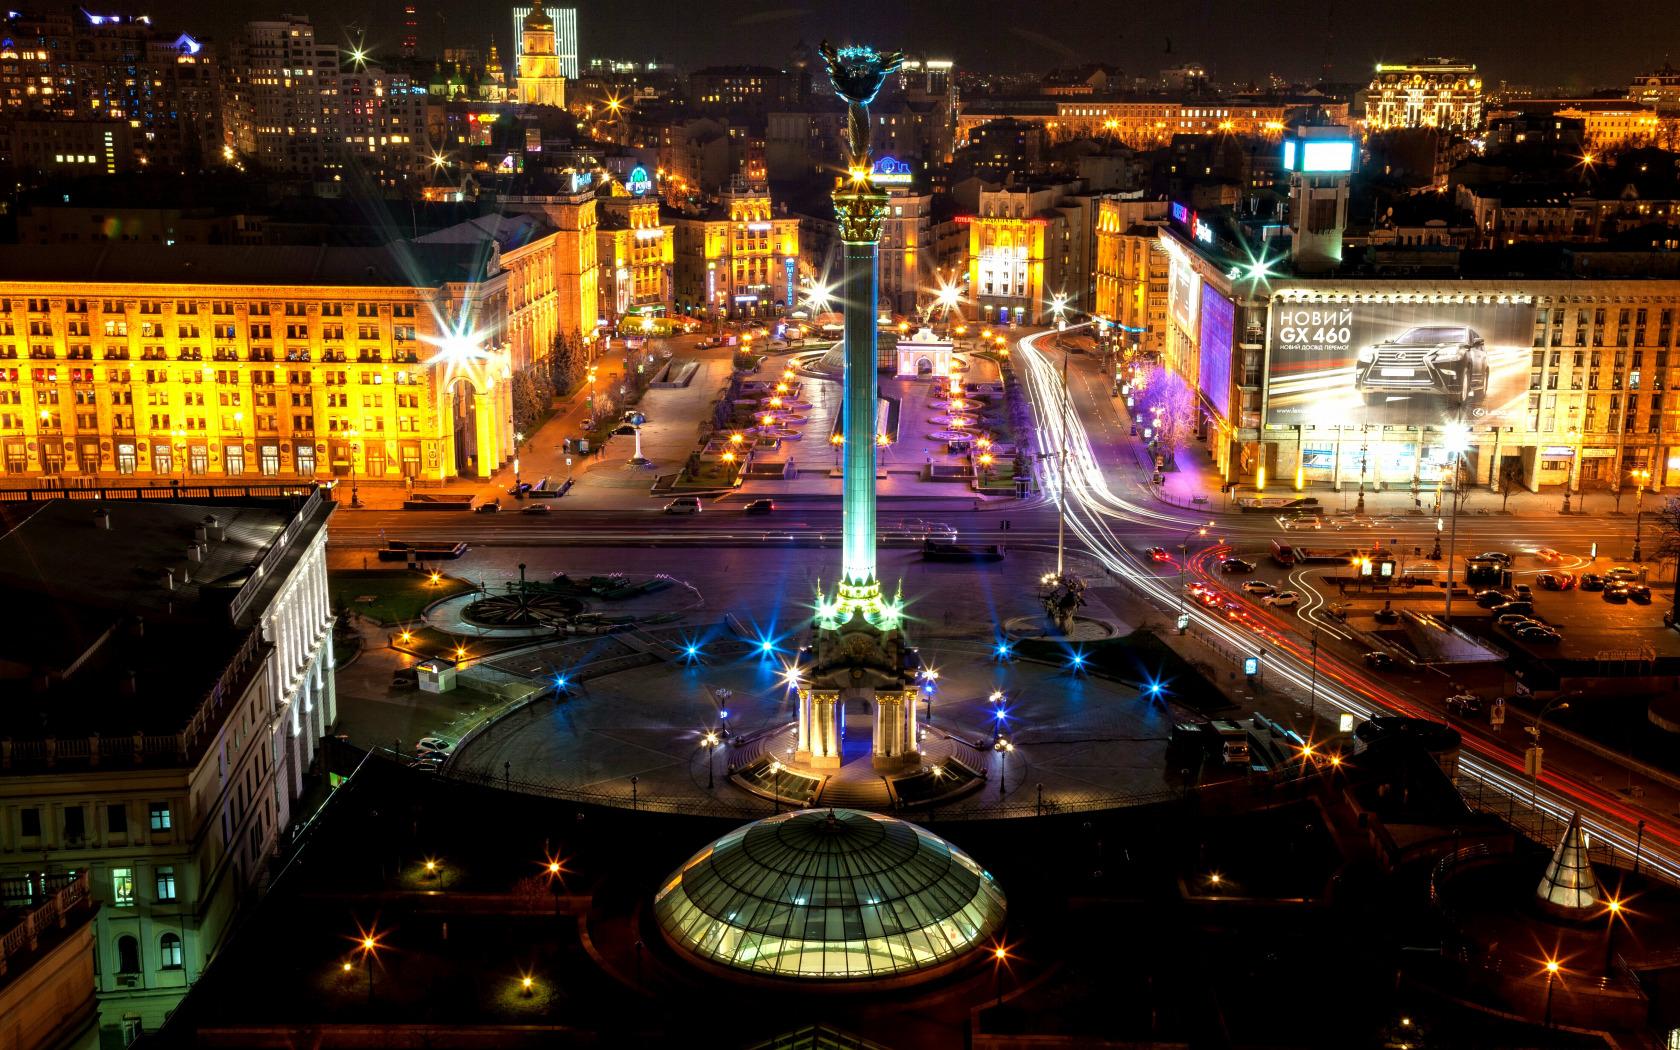 город киев фото дни